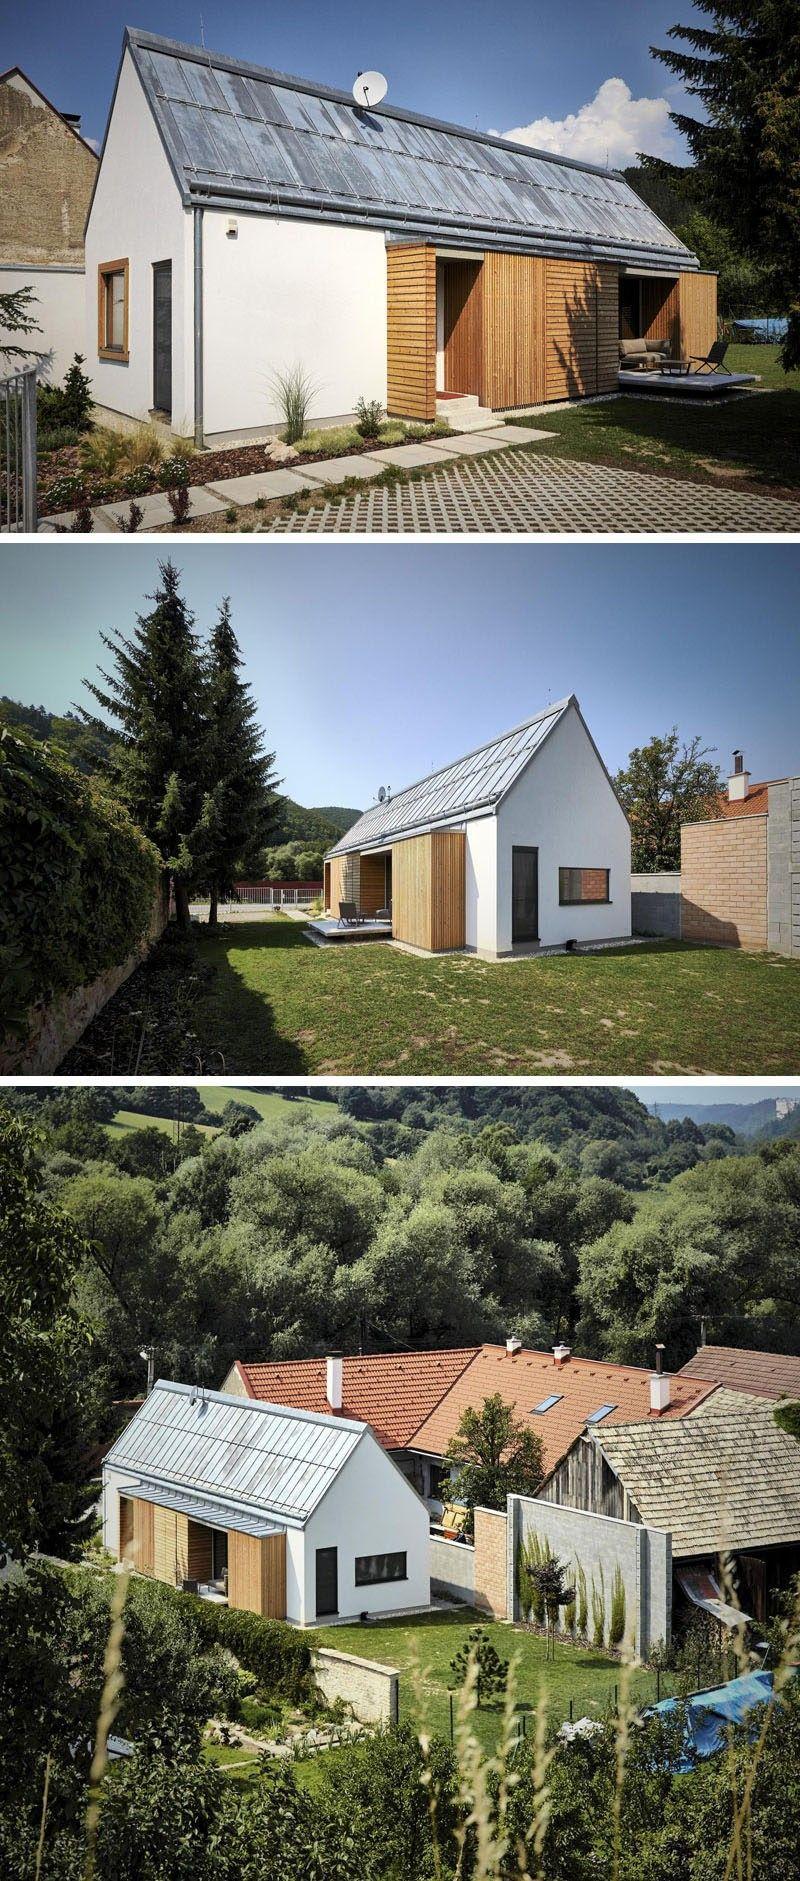 11 Kleine Moderne Hausprojekte / / Gebaut, Um Ein Altes Haus Zu Ersetzen,  Die Abgerissen Werden Musste, Dieses Neue Haus Kombiniert Aspekte Der ...